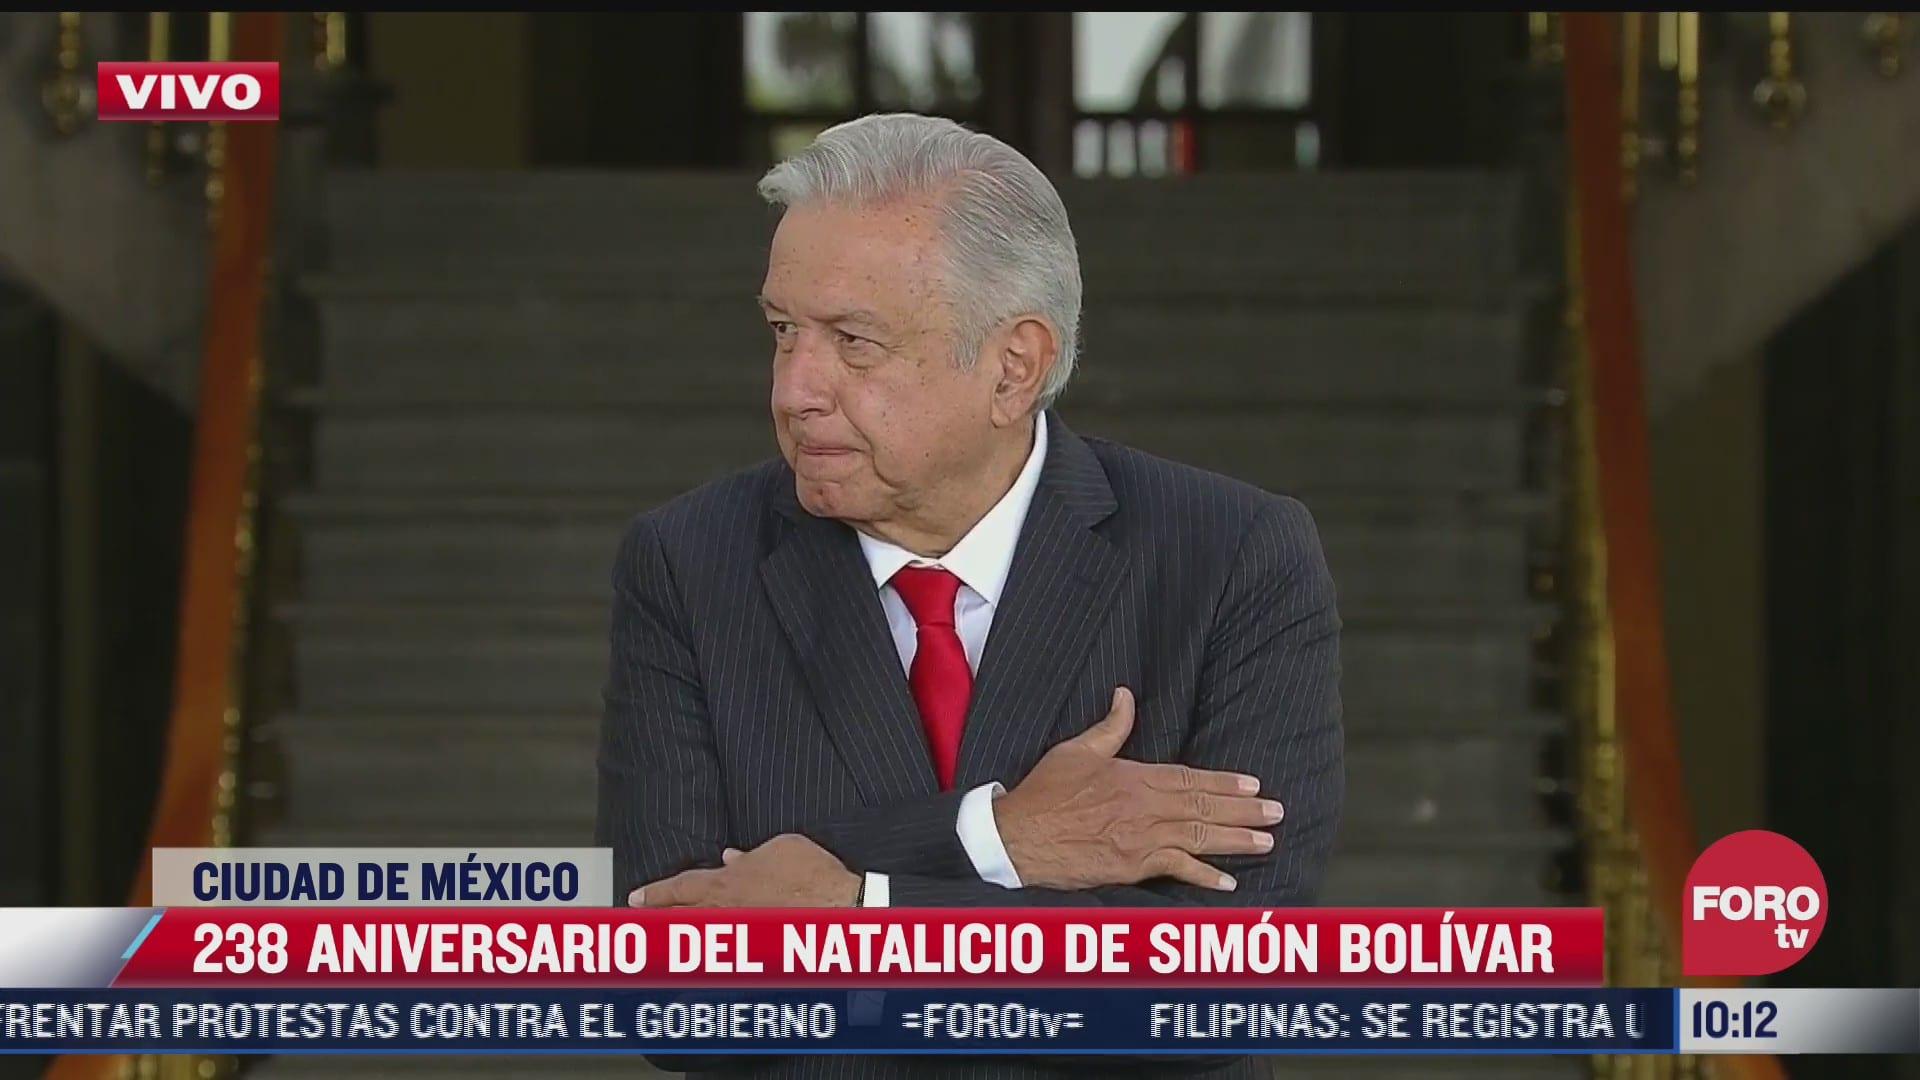 conmemoran 283 aniversario del natalicio de simon bolivar